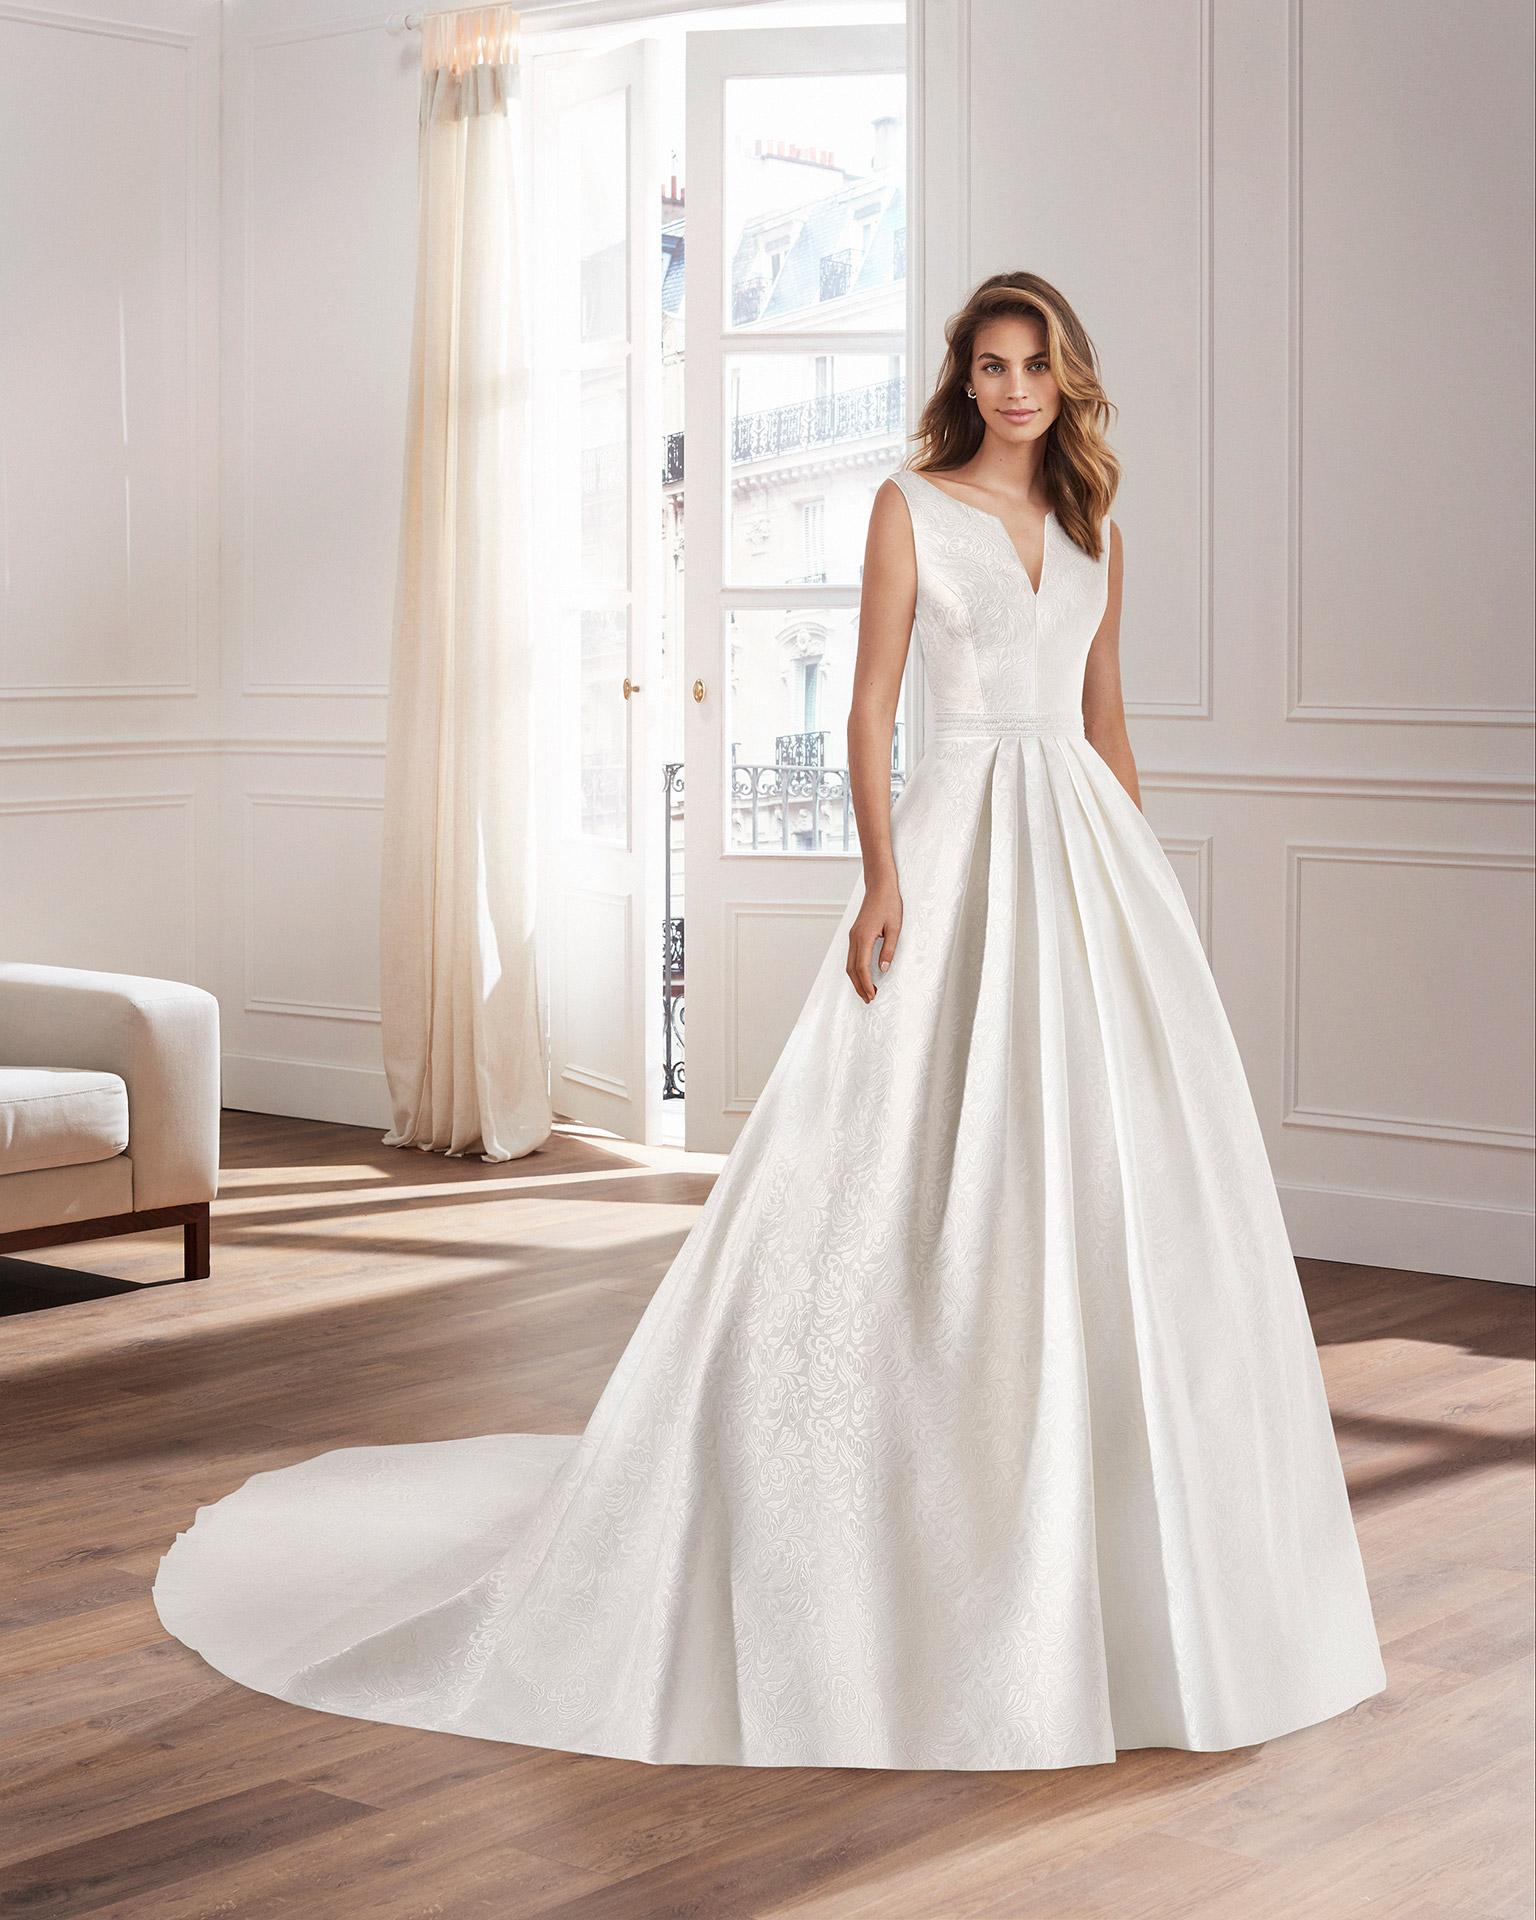 Vestido de novia corte clásico línea A, en brocado con escote pico en delantero y espalda. Colección  2020.